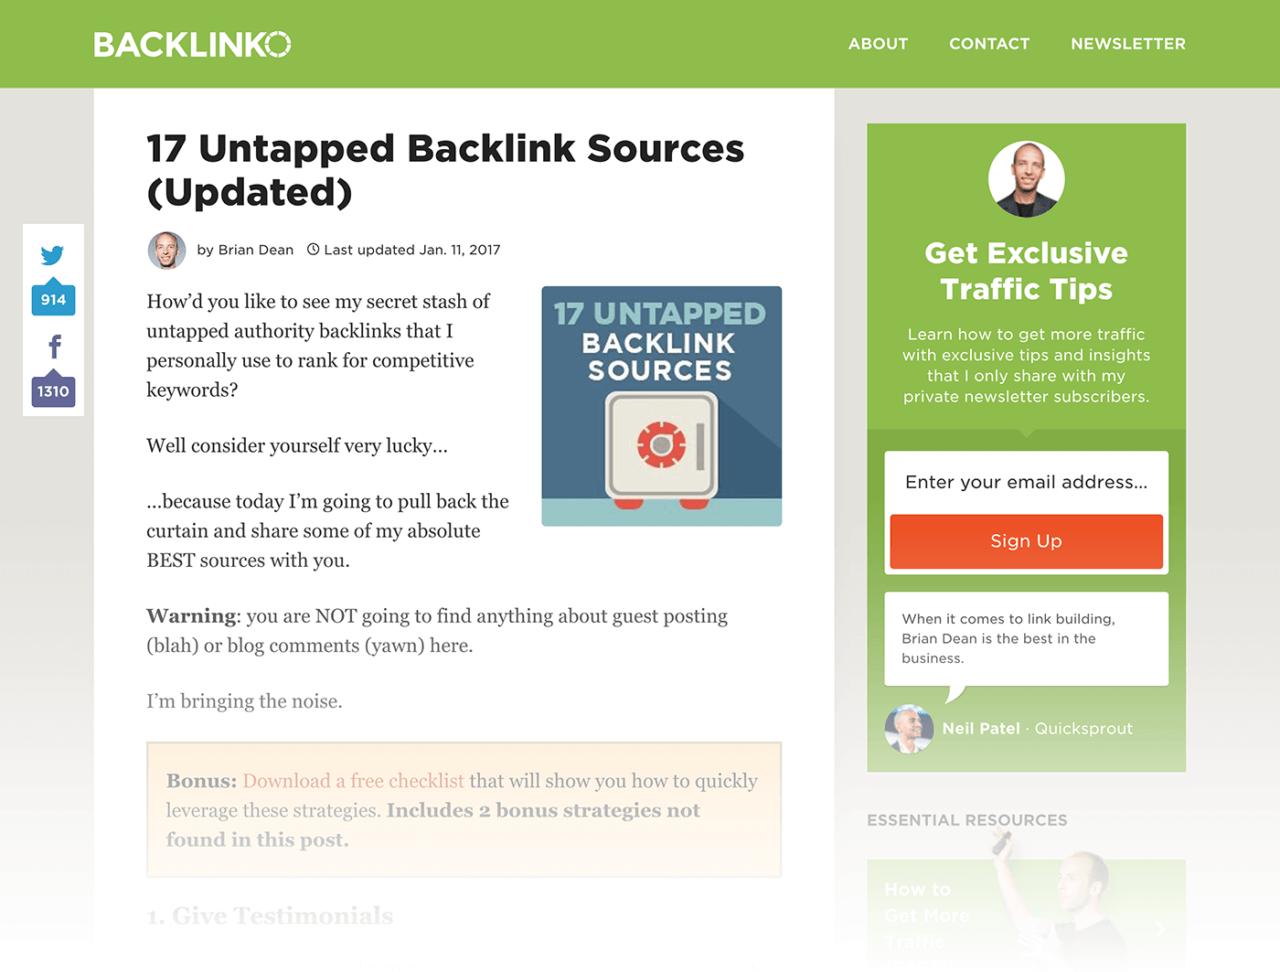 17 Untapped Backlink Sources